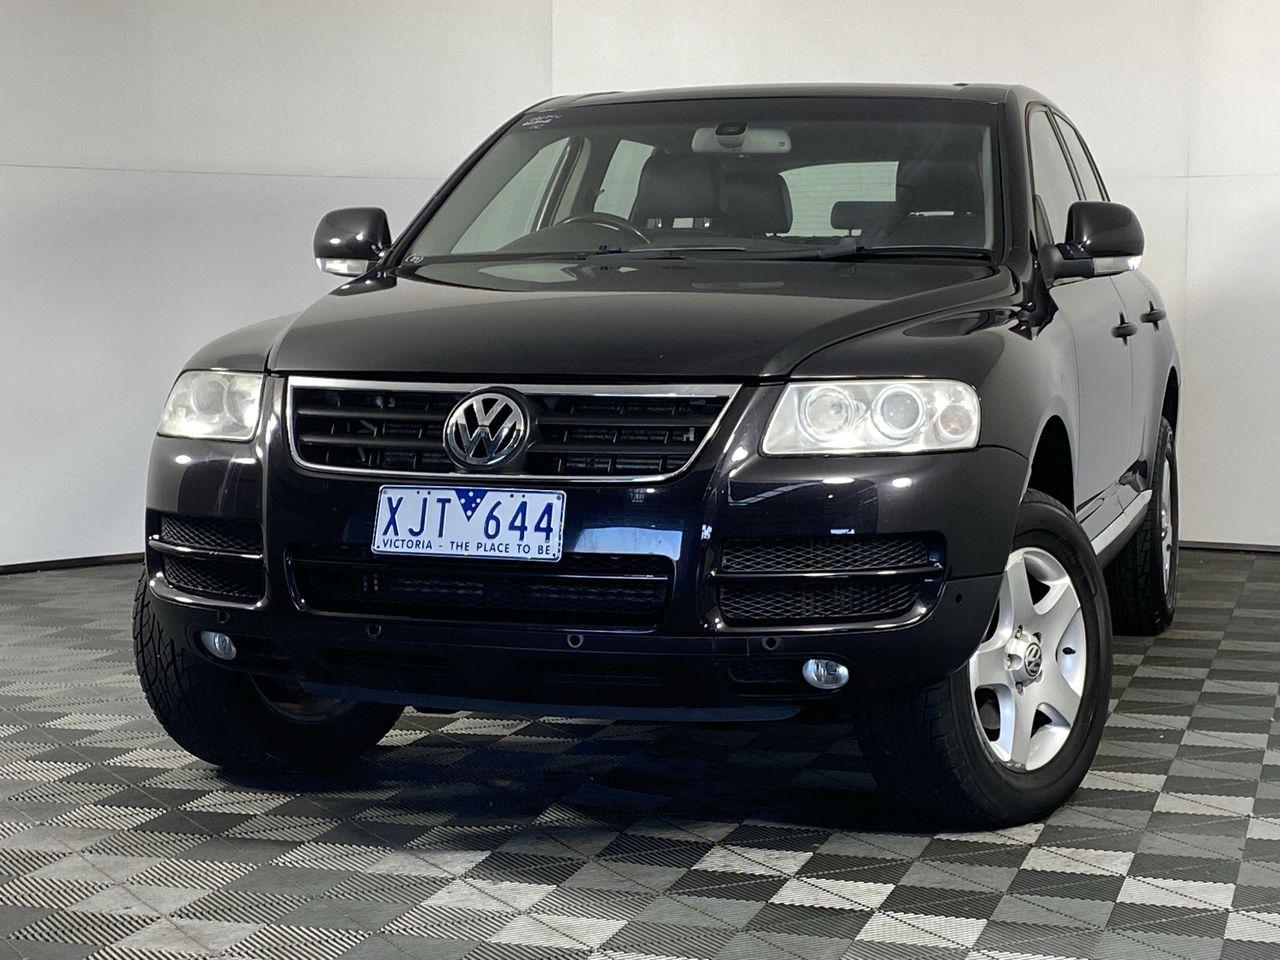 2005 Volkswagen Touareg R5 TDI 7L Turbo Diesel Automatic Wagon WOVR+Insp